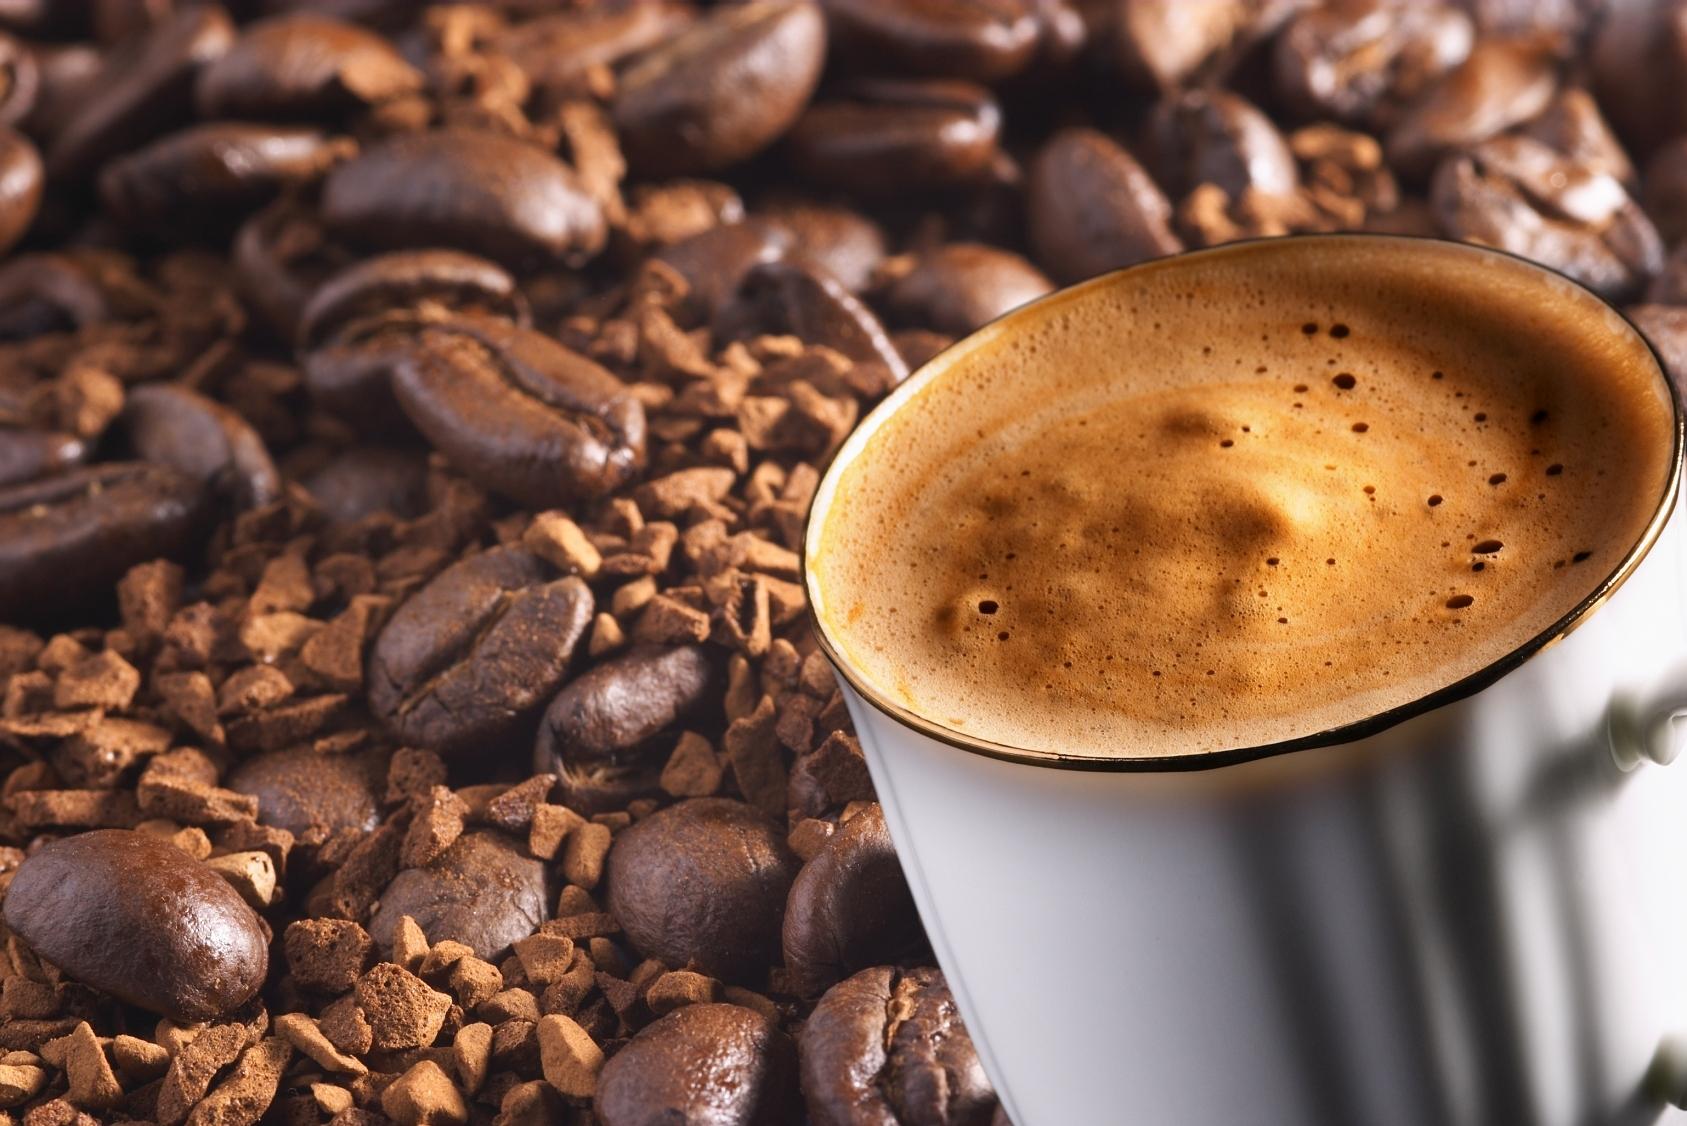 coffee wallpaper, скачать фото, обои для рабочего стола, бесплатно